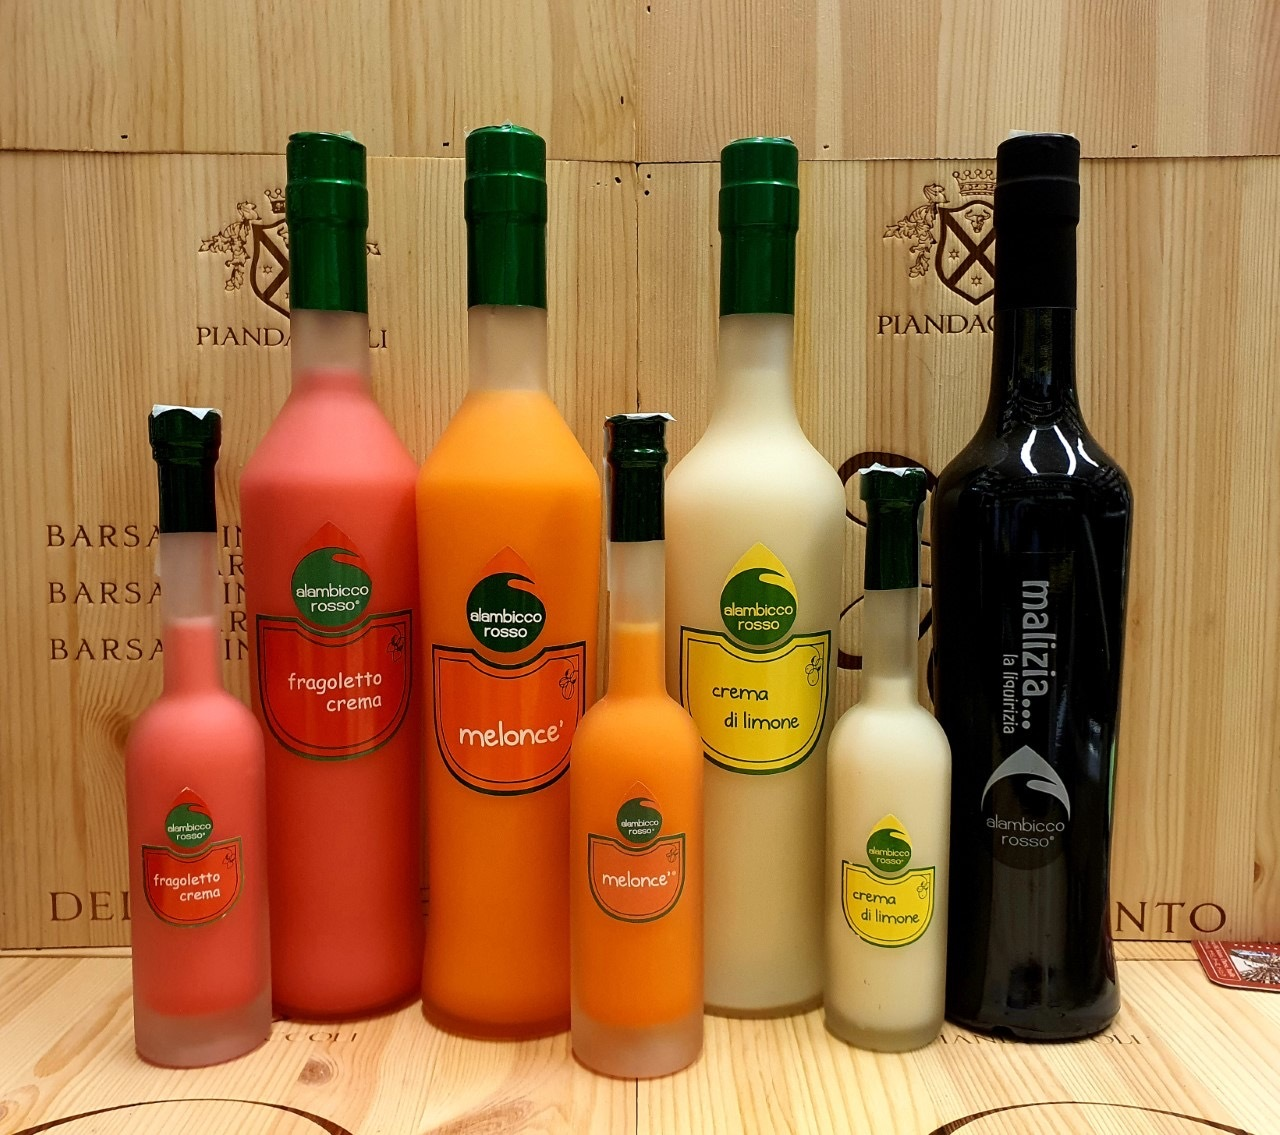 ワイン便の発送:スパークリングワイン、リモンチェッロ ecc._a0136671_23460777.jpeg